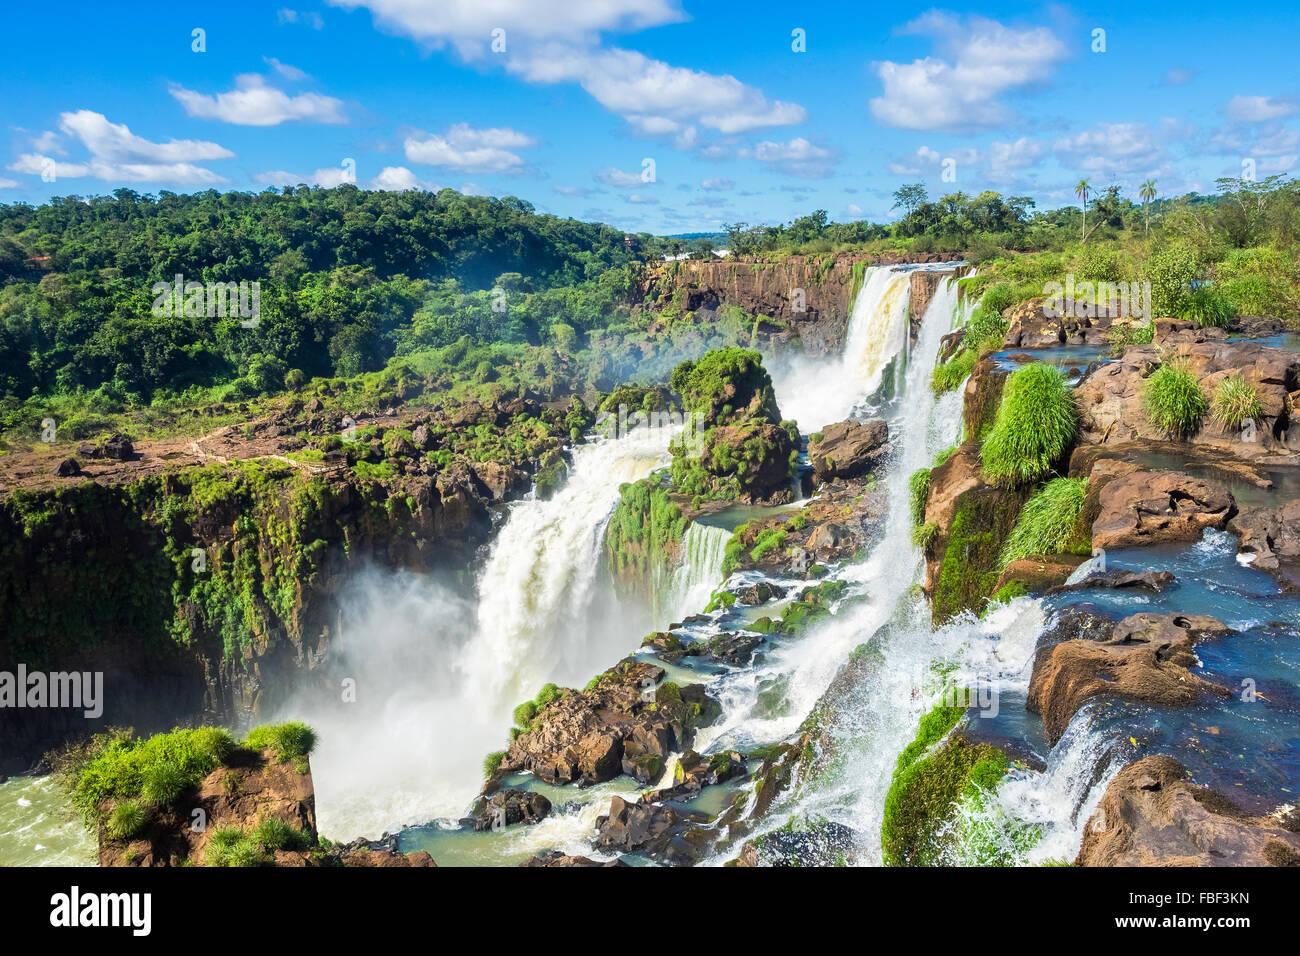 Die Iguazu Wasserfälle, an der Grenze zwischen Argentinien und Brasilien. Stockbild